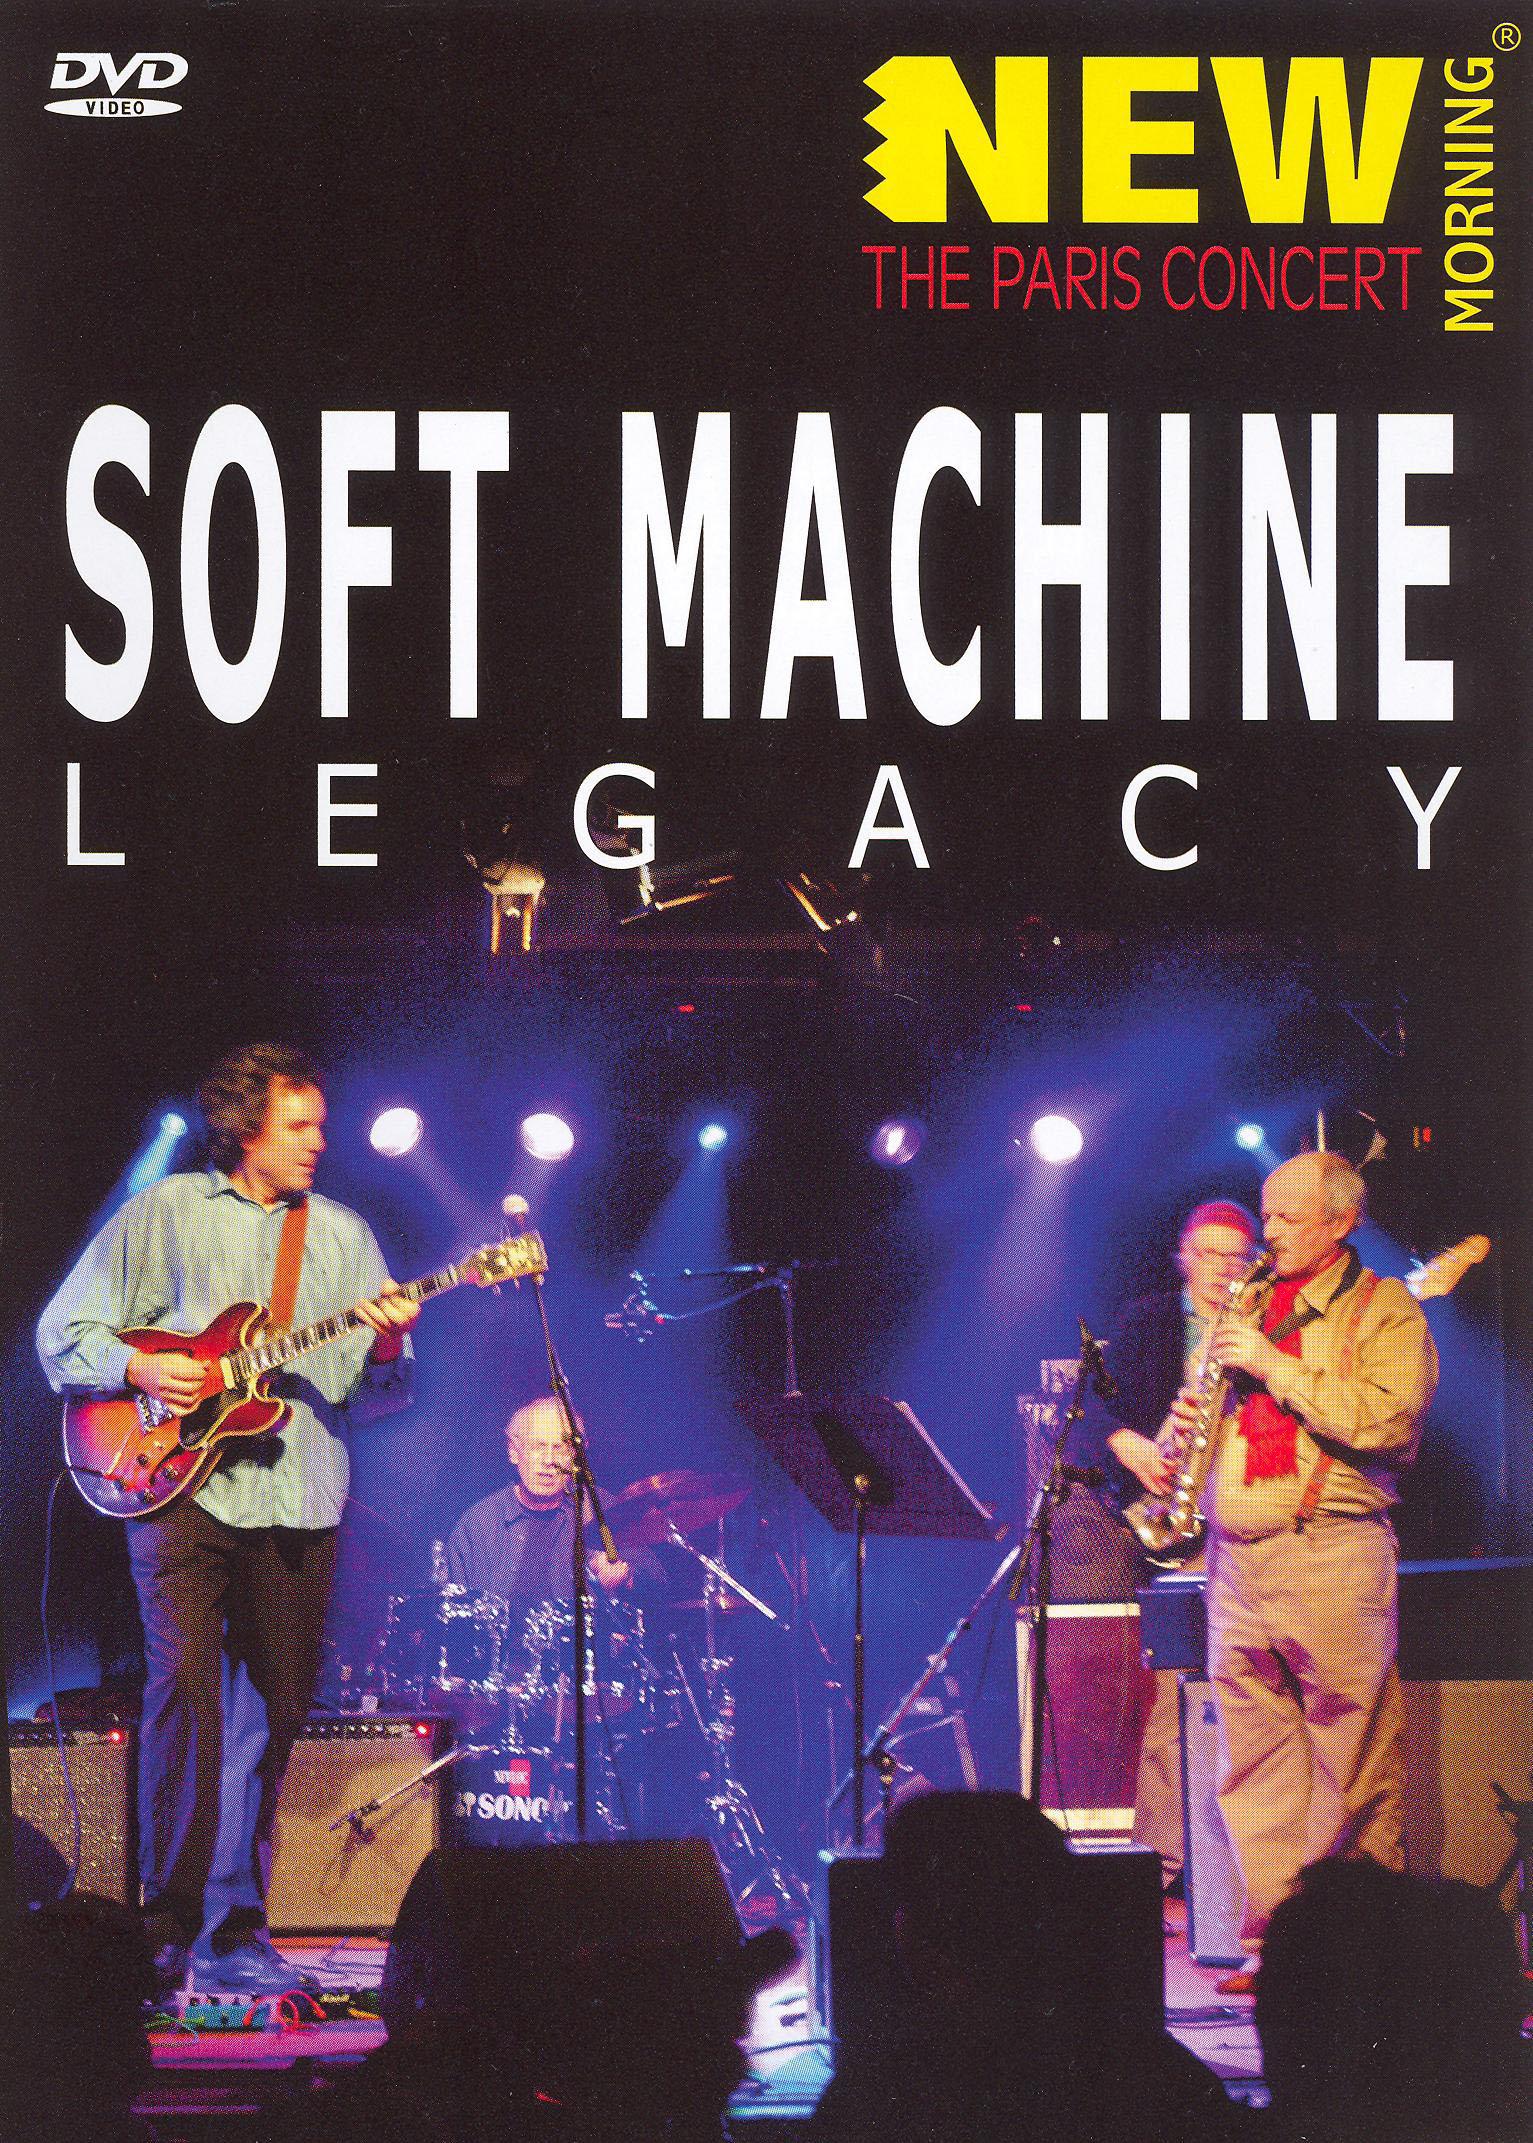 The Soft Machine: Legacy - Paris Concert